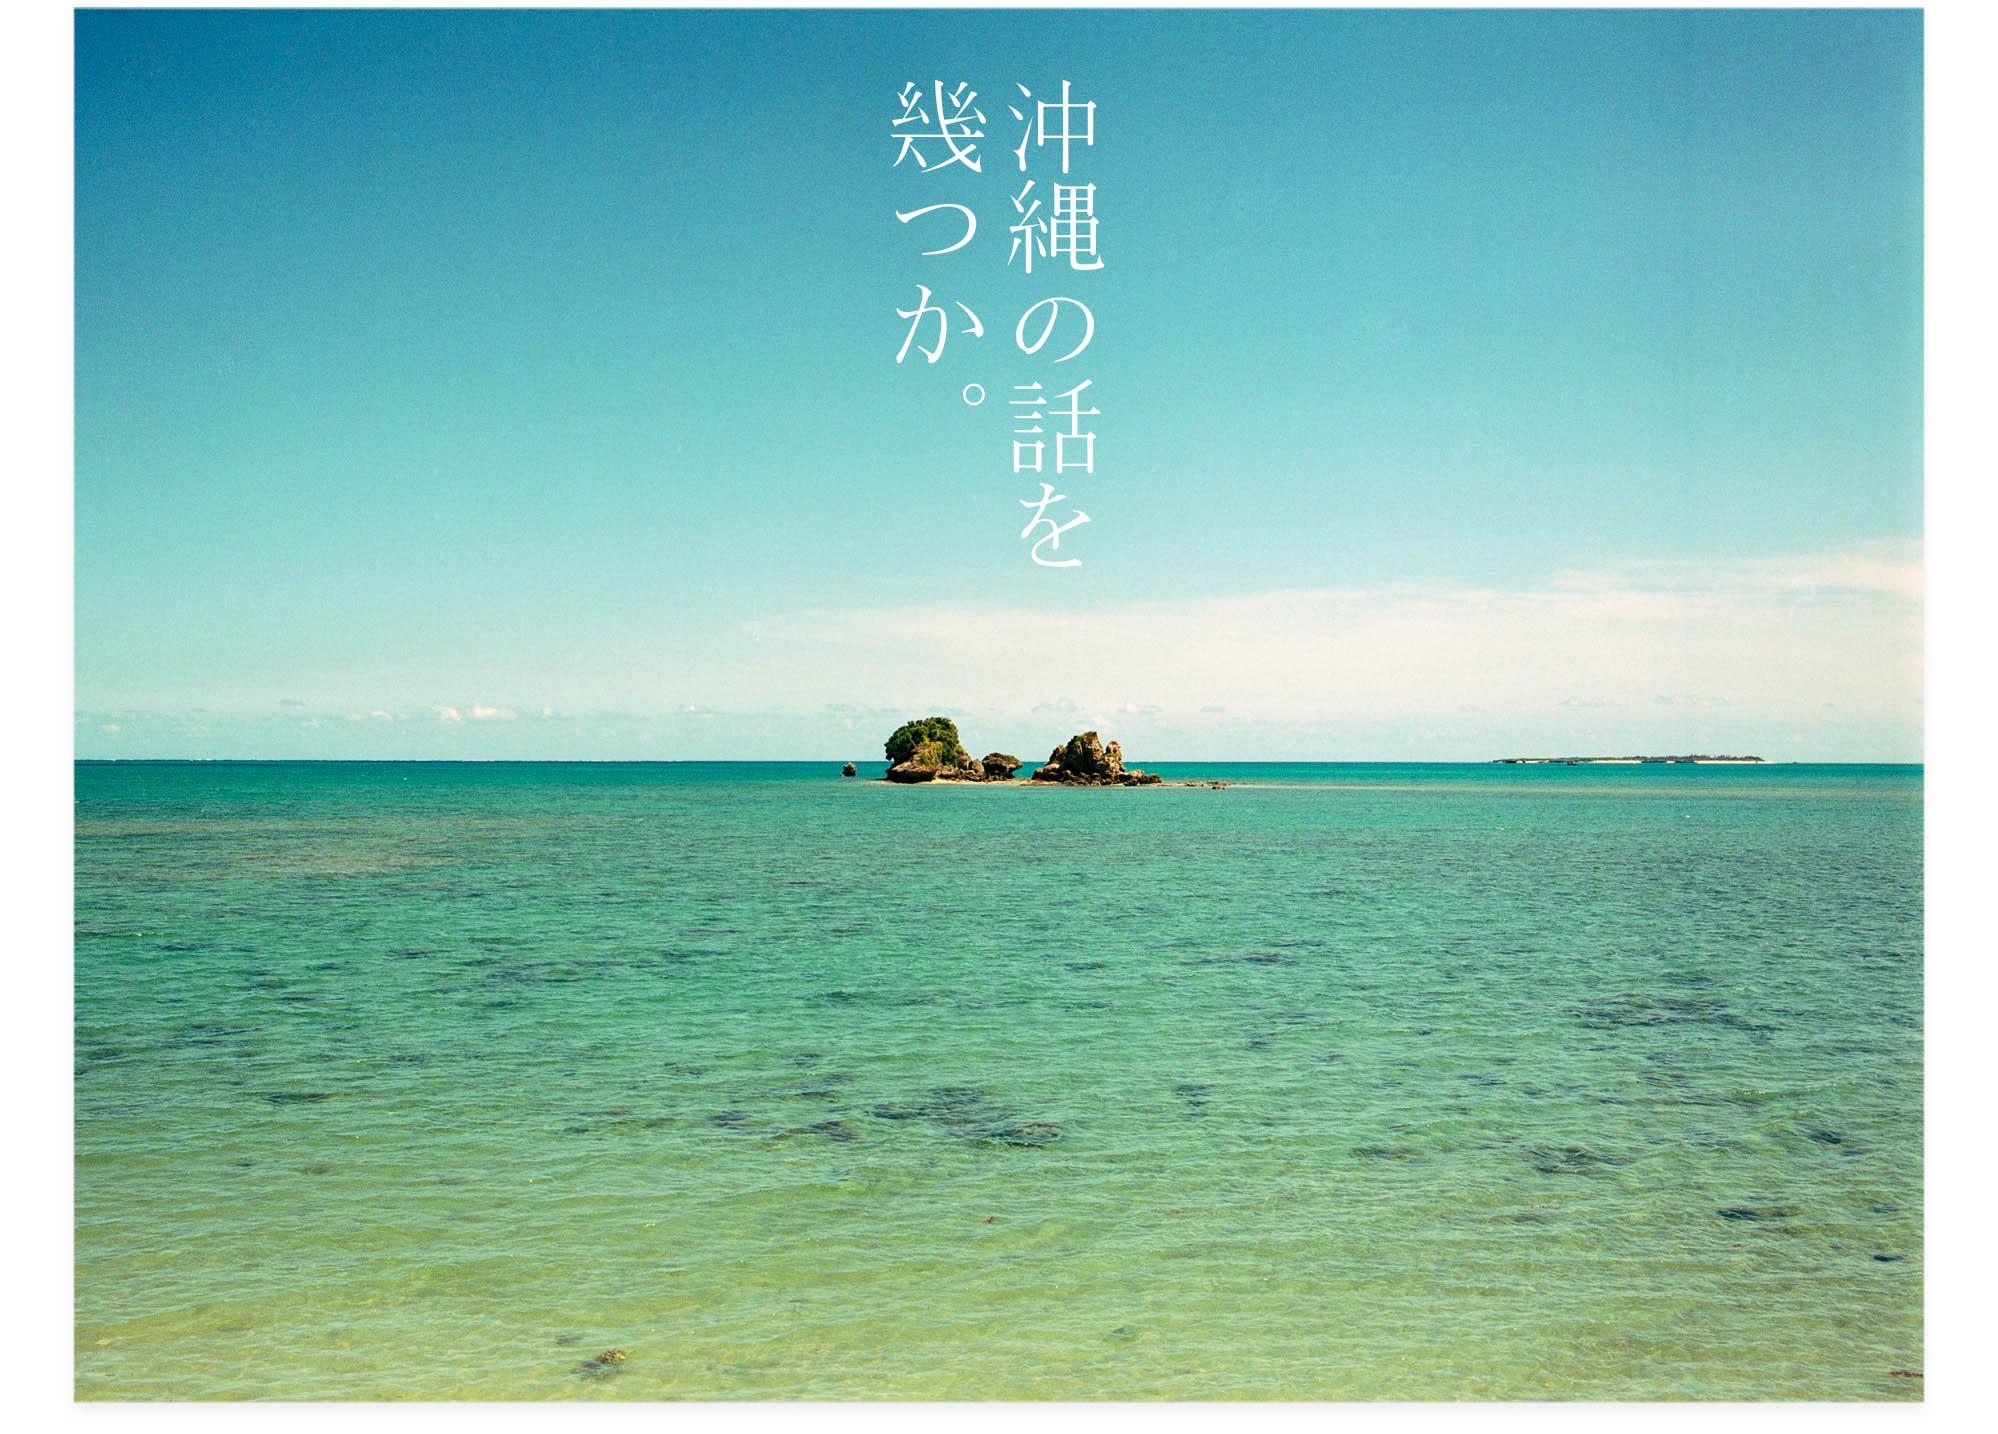 20130910_沖縄の話しを幾つか